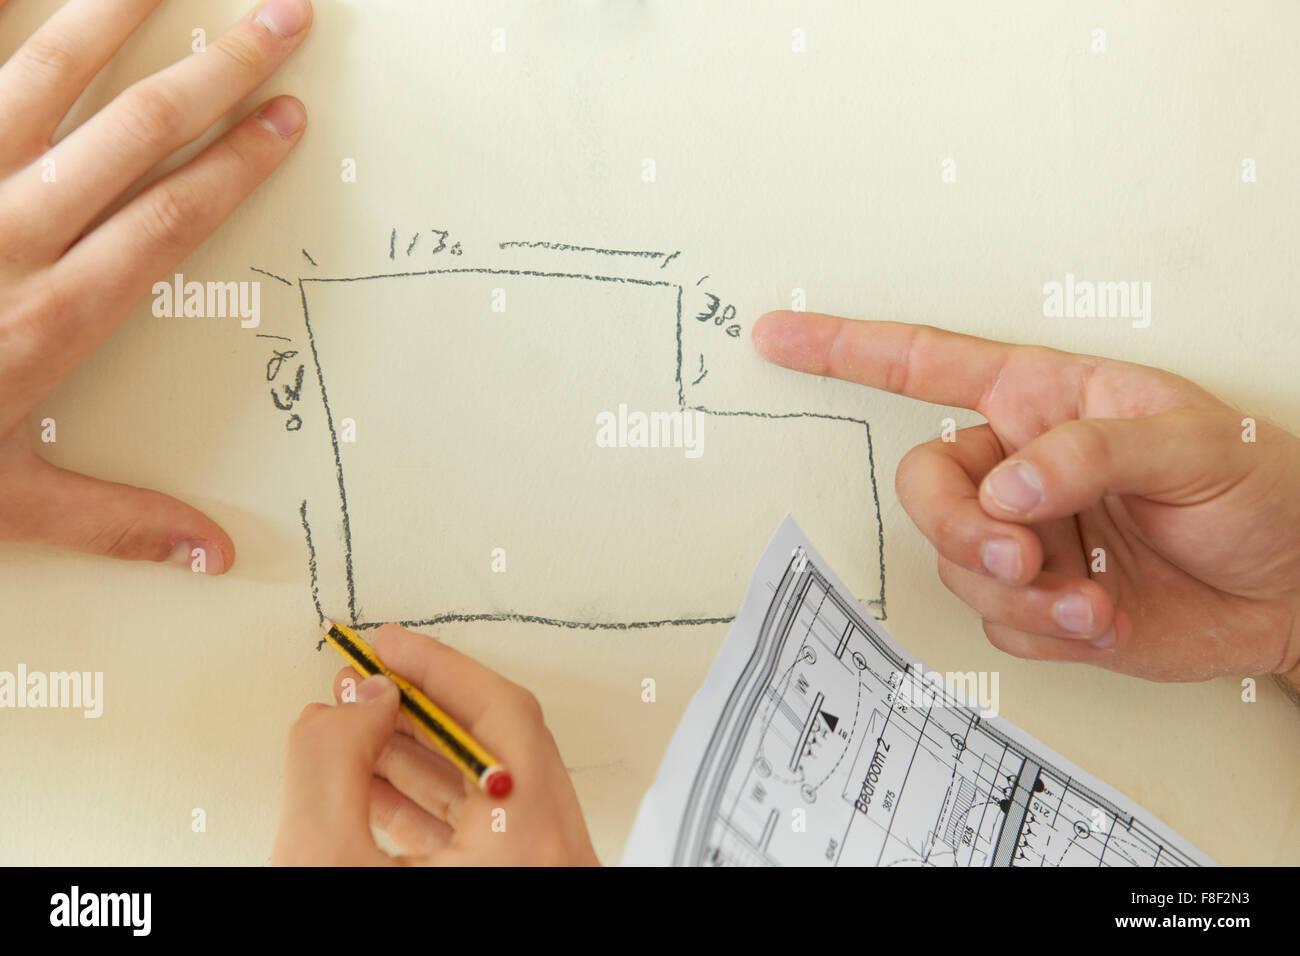 Constructores Mirando Plan dibujados a mano en la pared Imagen De Stock